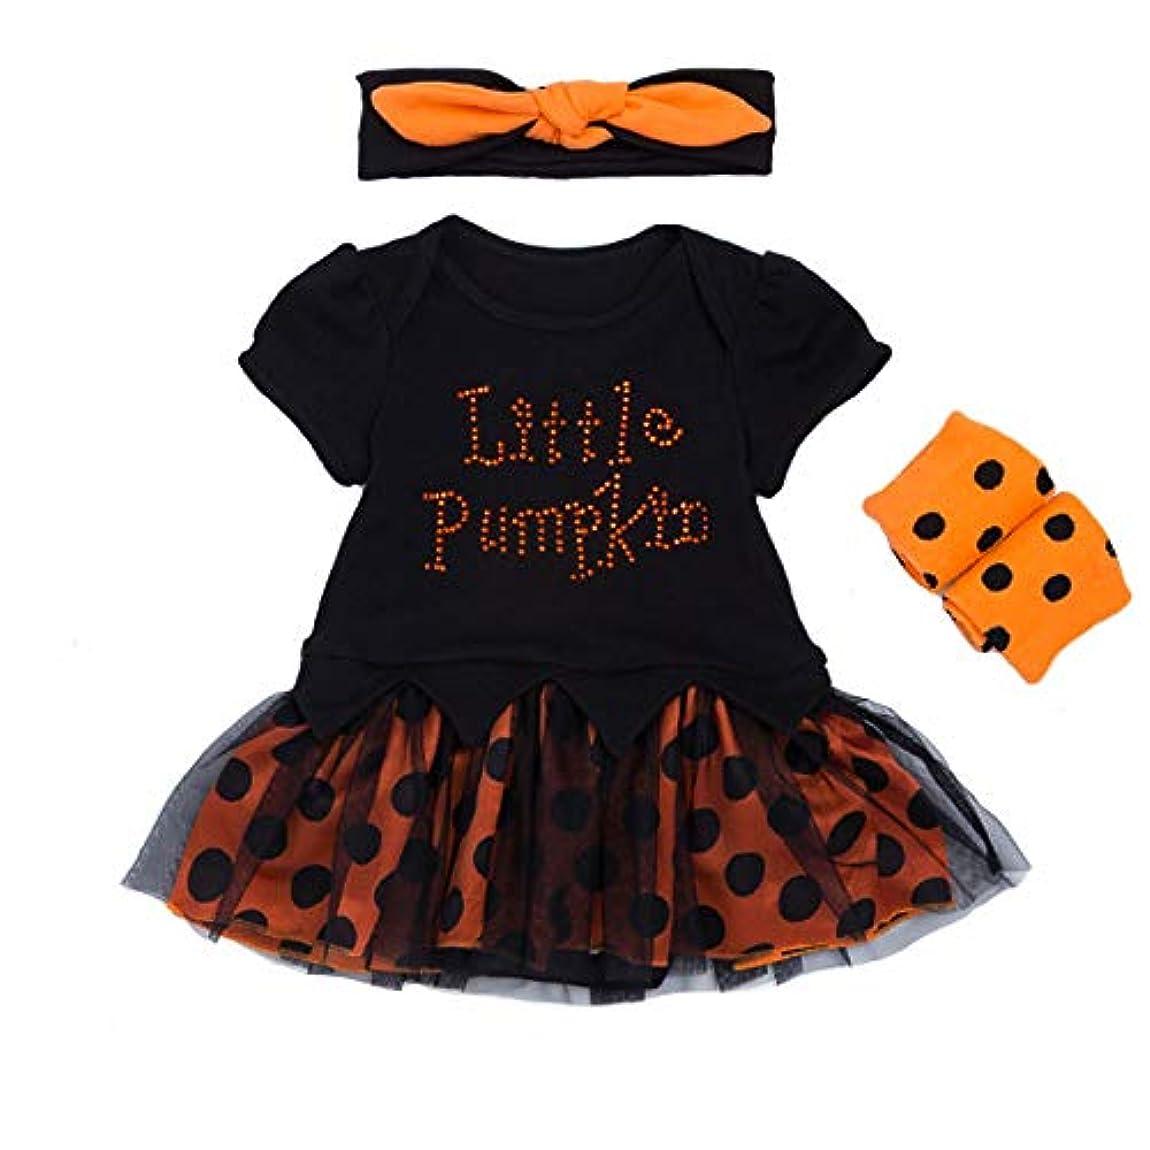 上に築きます才能抽選ハロウィン ベビー 変装 子ども衣装 カバーオール ワンピース 超カワイイ 女の子 お誕生日 プレゼント 3点セット